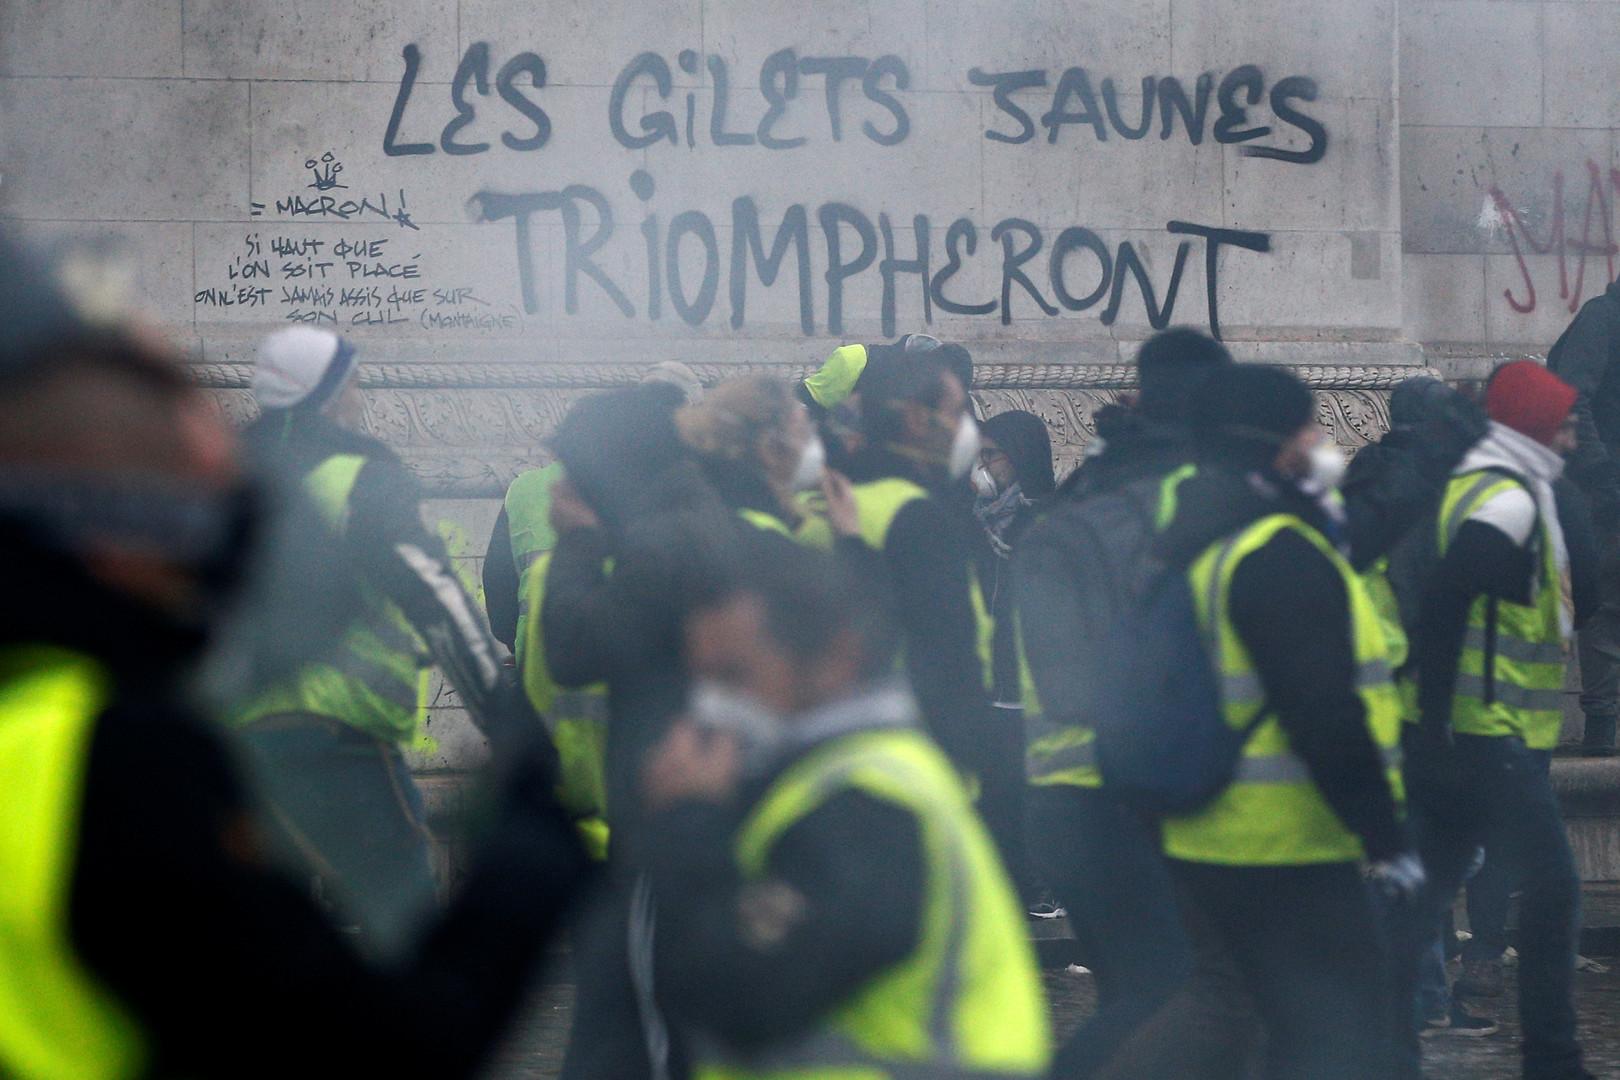 'Los chalecos verdes triunfarán', dice un graffiti que fue recurrentemente realizado en varios monumentos y edificios de la ciudad (Reuters)